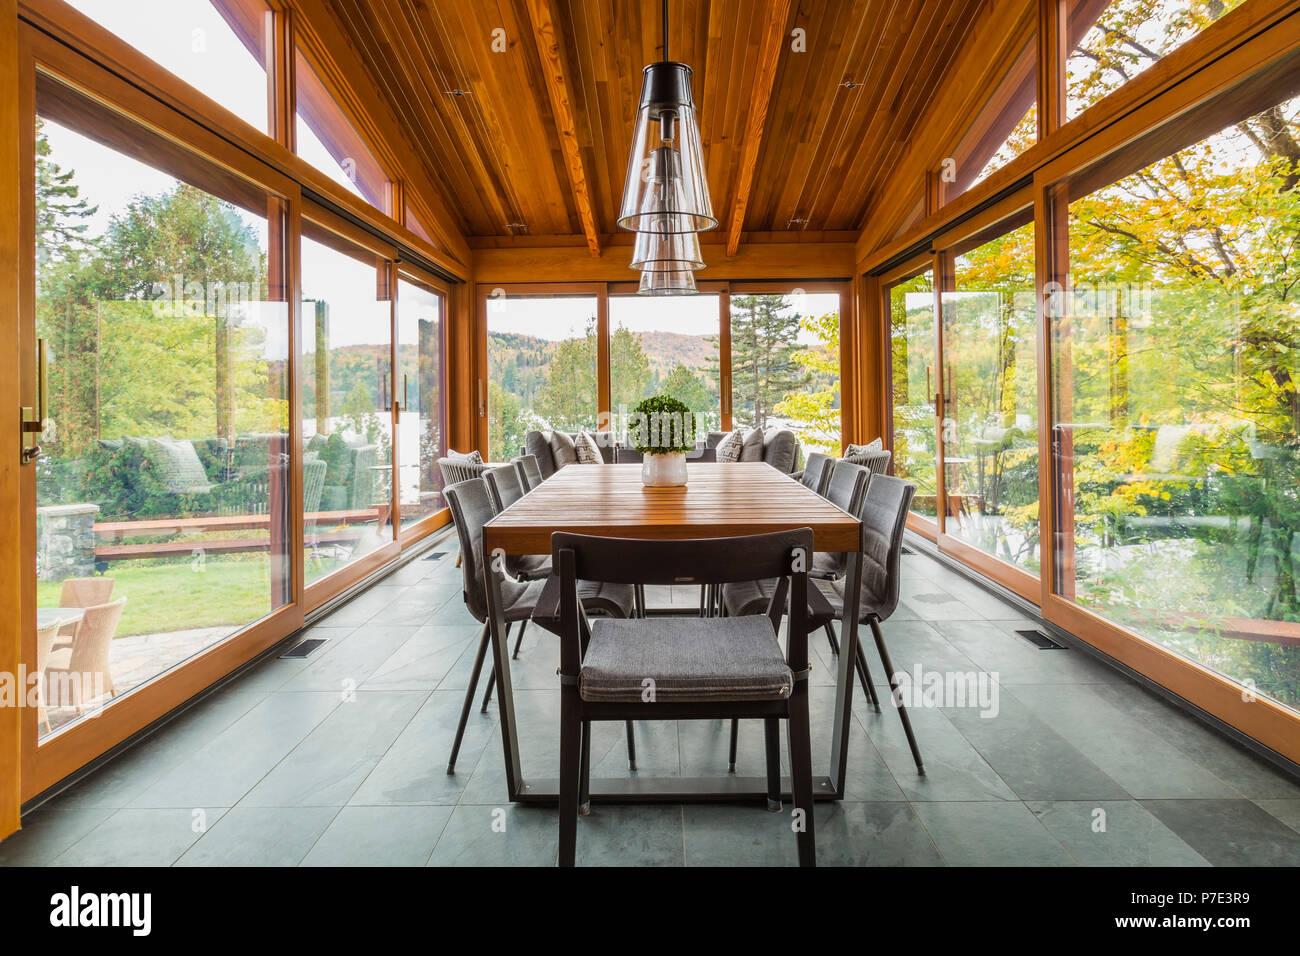 Mesa de comedor en el cenador de madera de cedro de lujo home Imagen De Stock